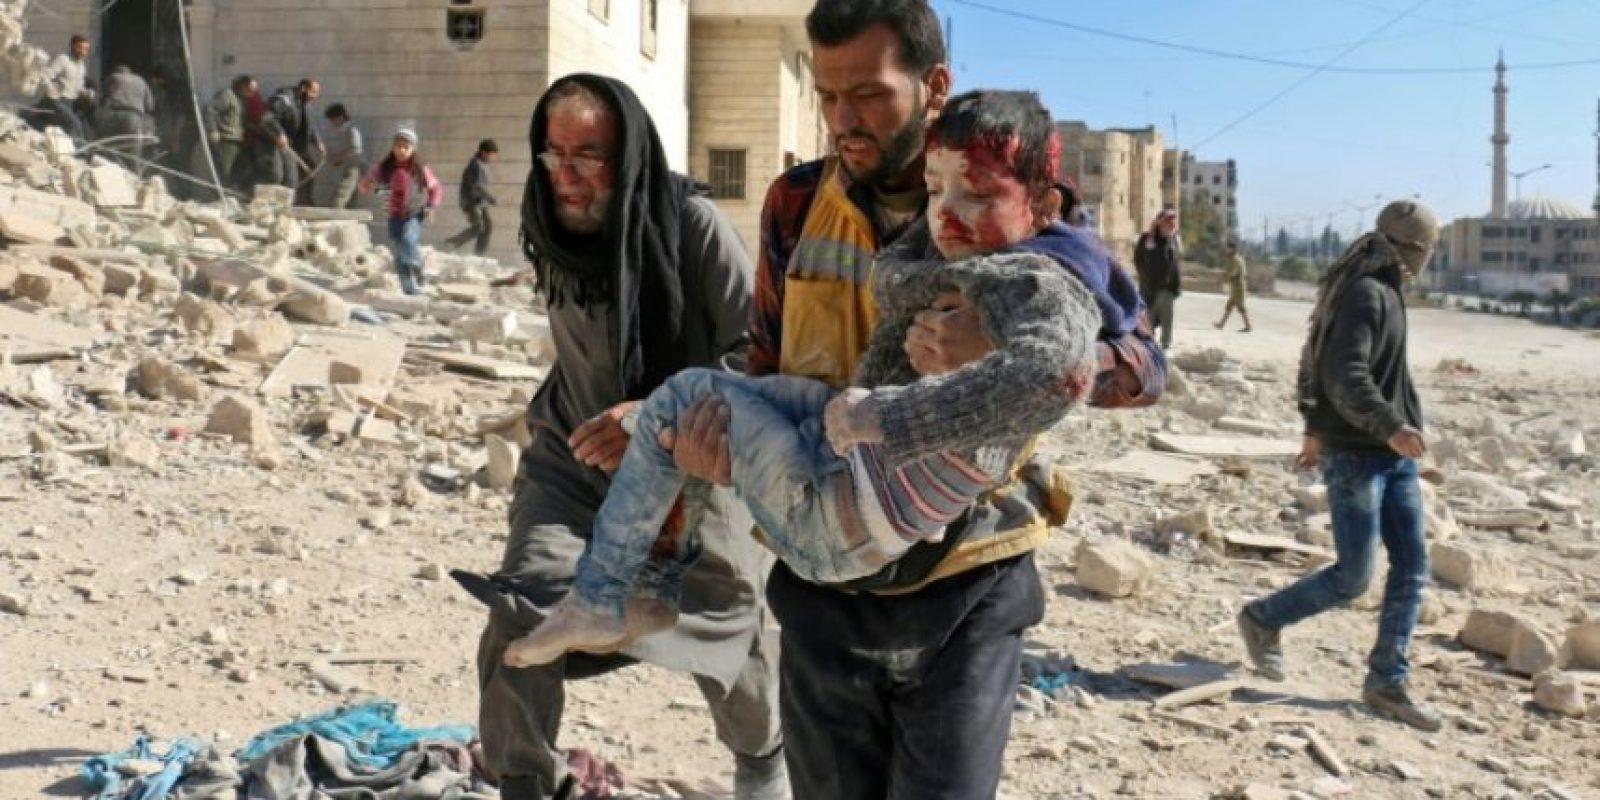 Un voluntario de defensa civil carga con un niño rescatado entre los escombros de un edificio tras un presunto ataque con bombas de barril al barrio de Bab al Nairab, el pasado 24 de noviembre en la ciudad siria de Alepo Foto:Ameer Alhalbi/afp.com